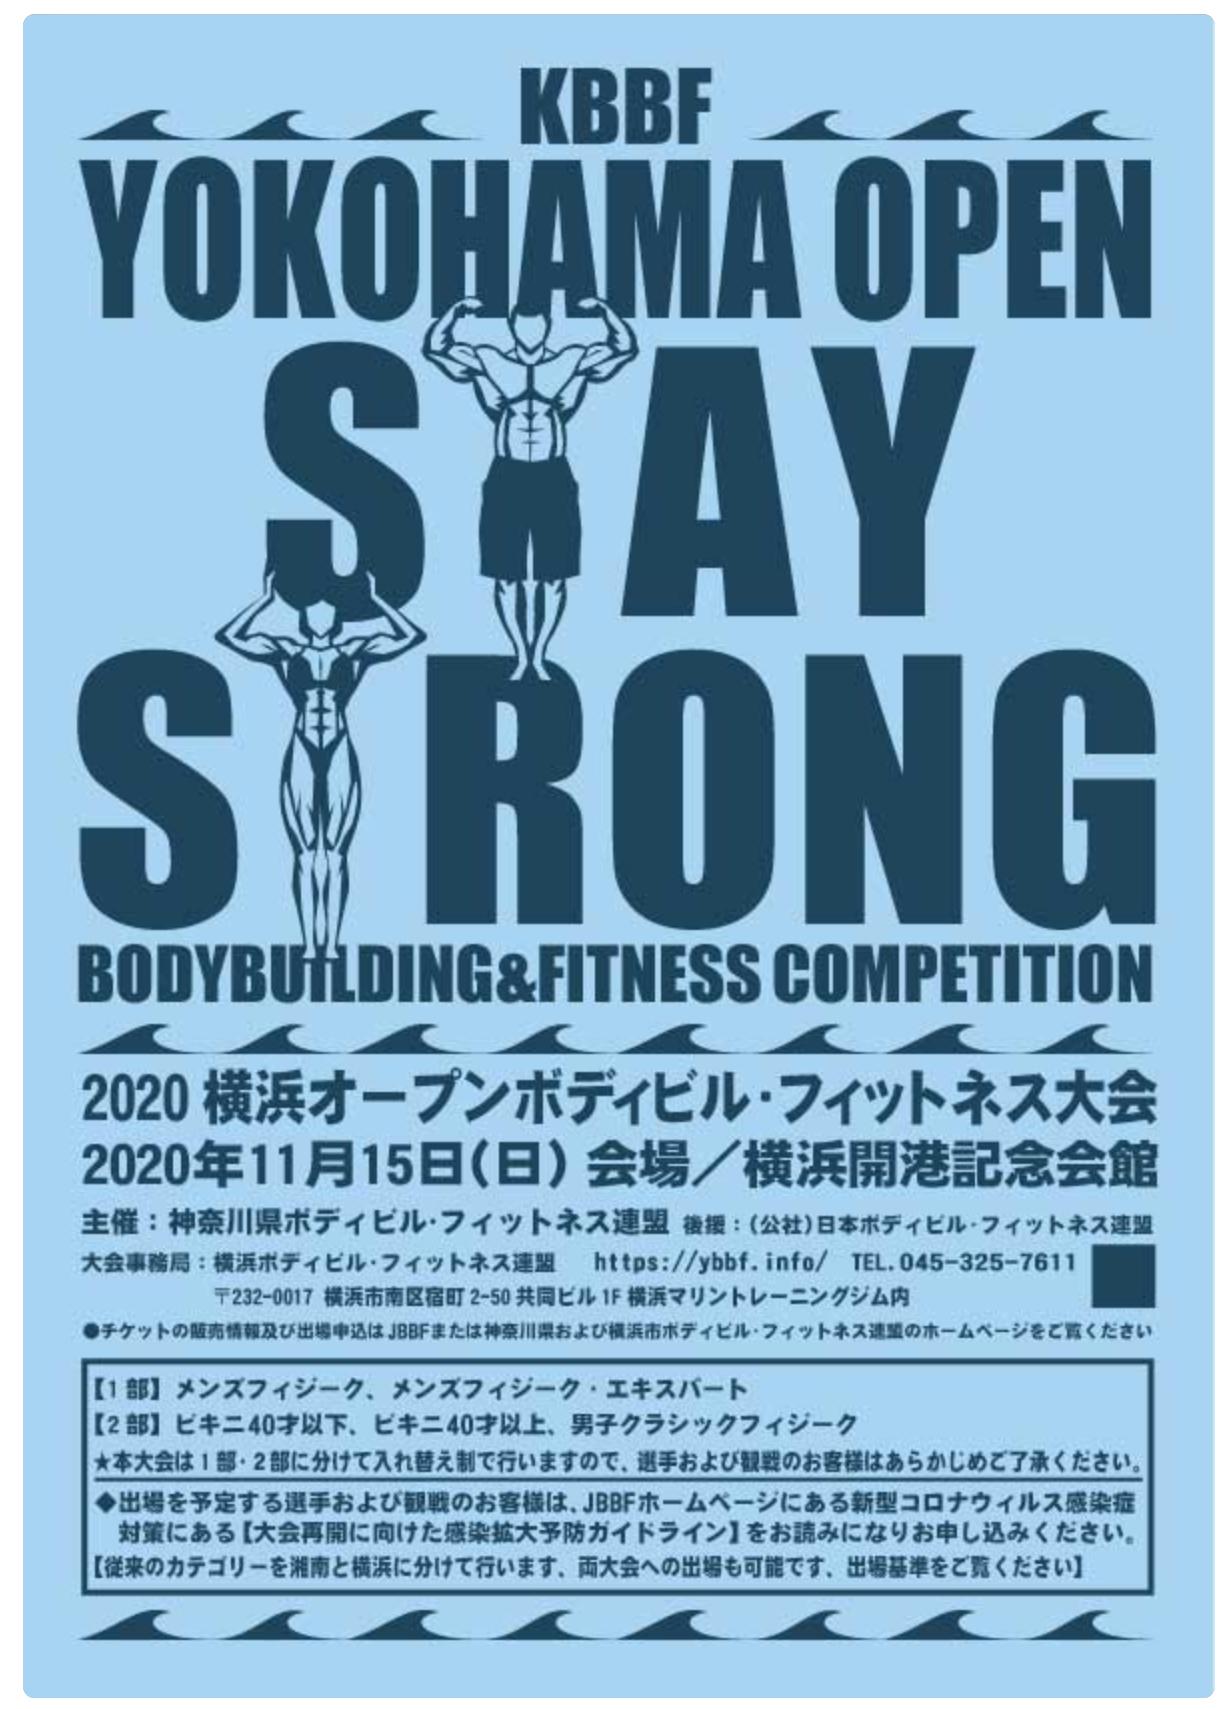 横浜オープン ボディビルフィットネス大会 2部